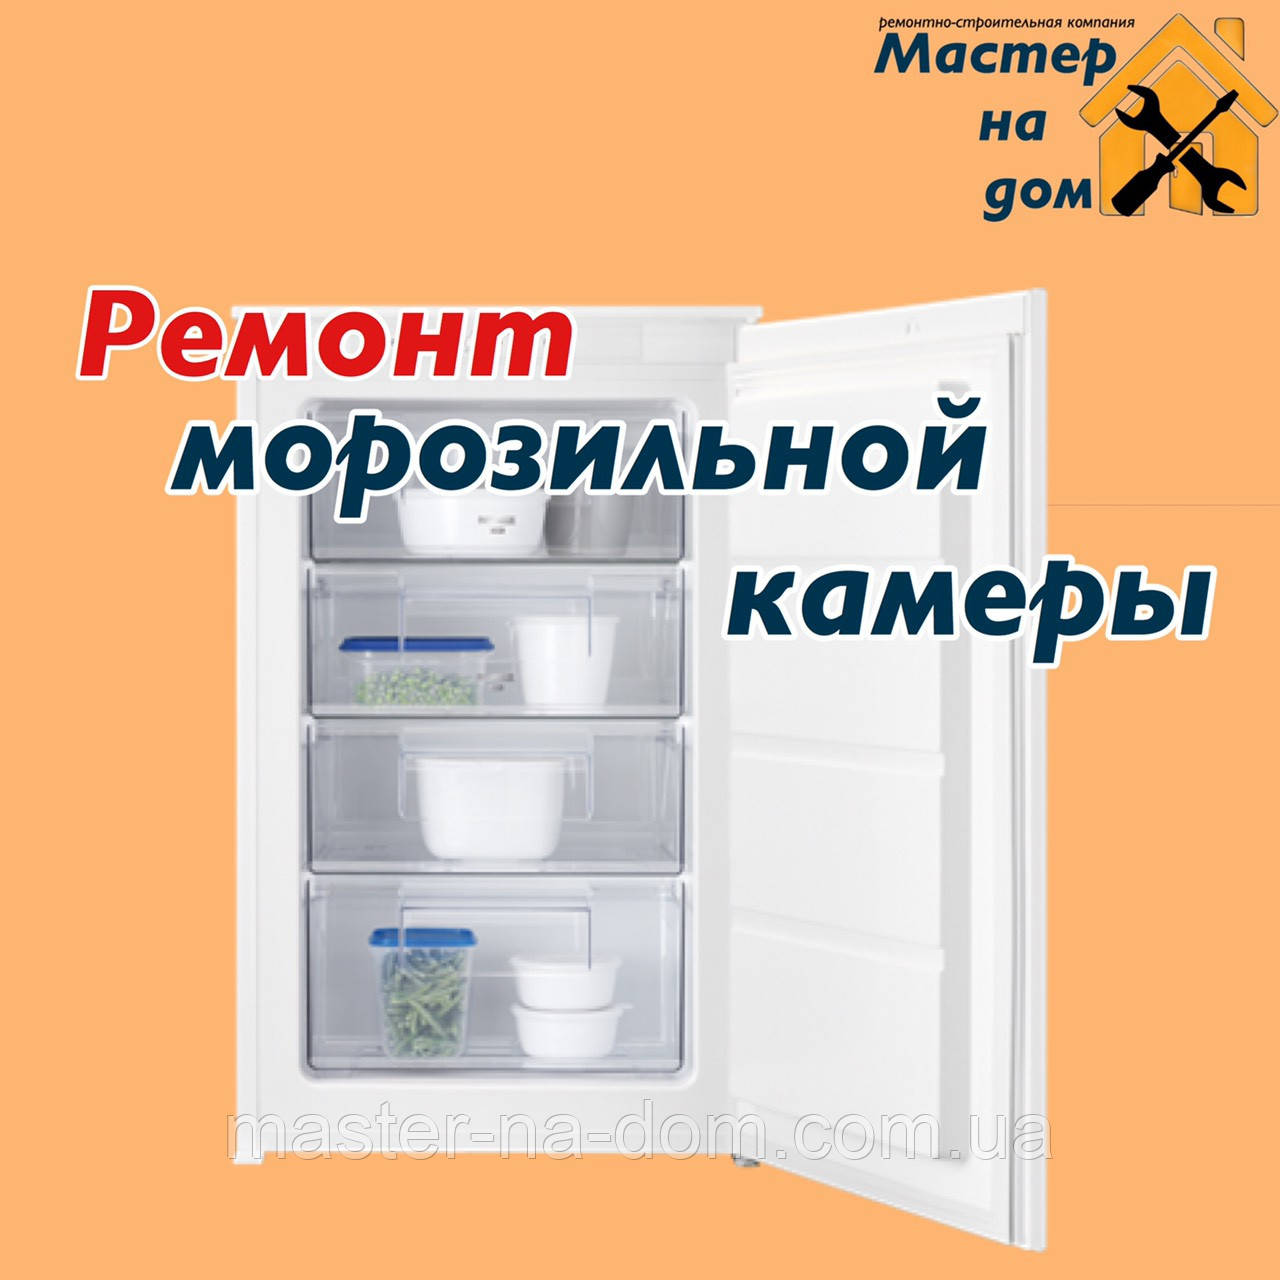 Ремонт морозильной камеры в Киеве, фото 1